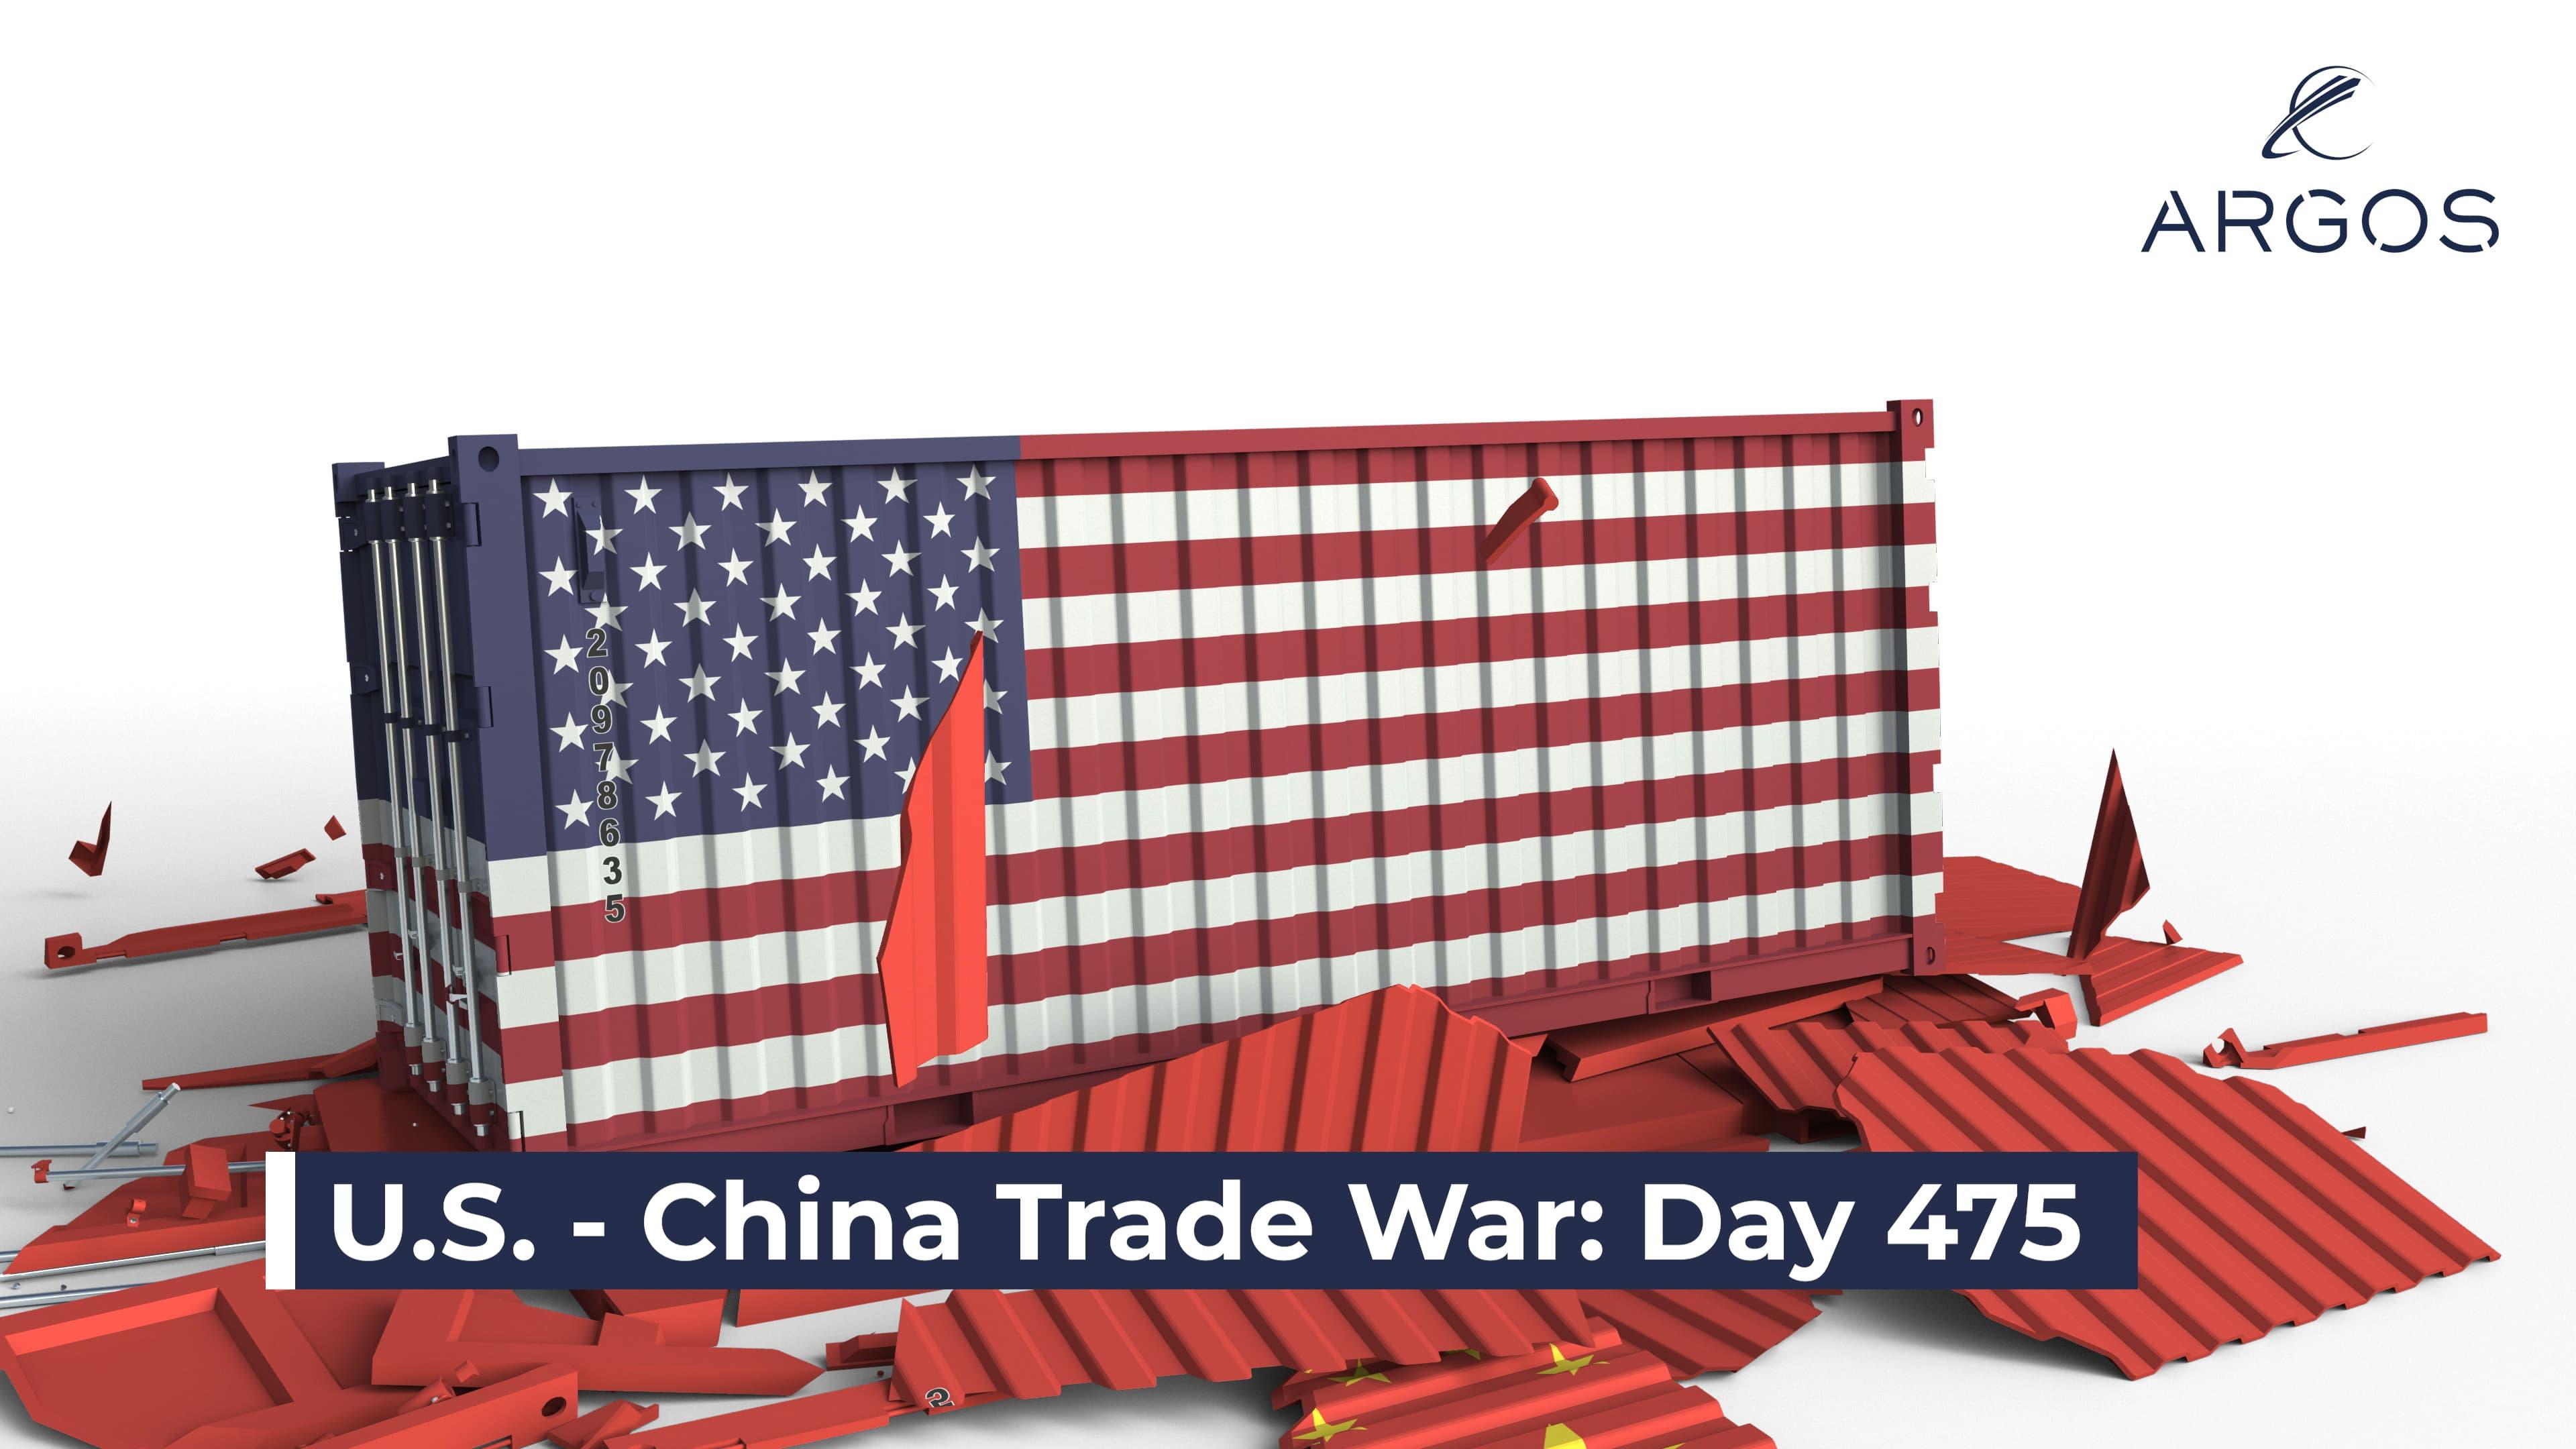 GUERRA COMERCIAL DE EE.UU. - CHINA: DÍA 475